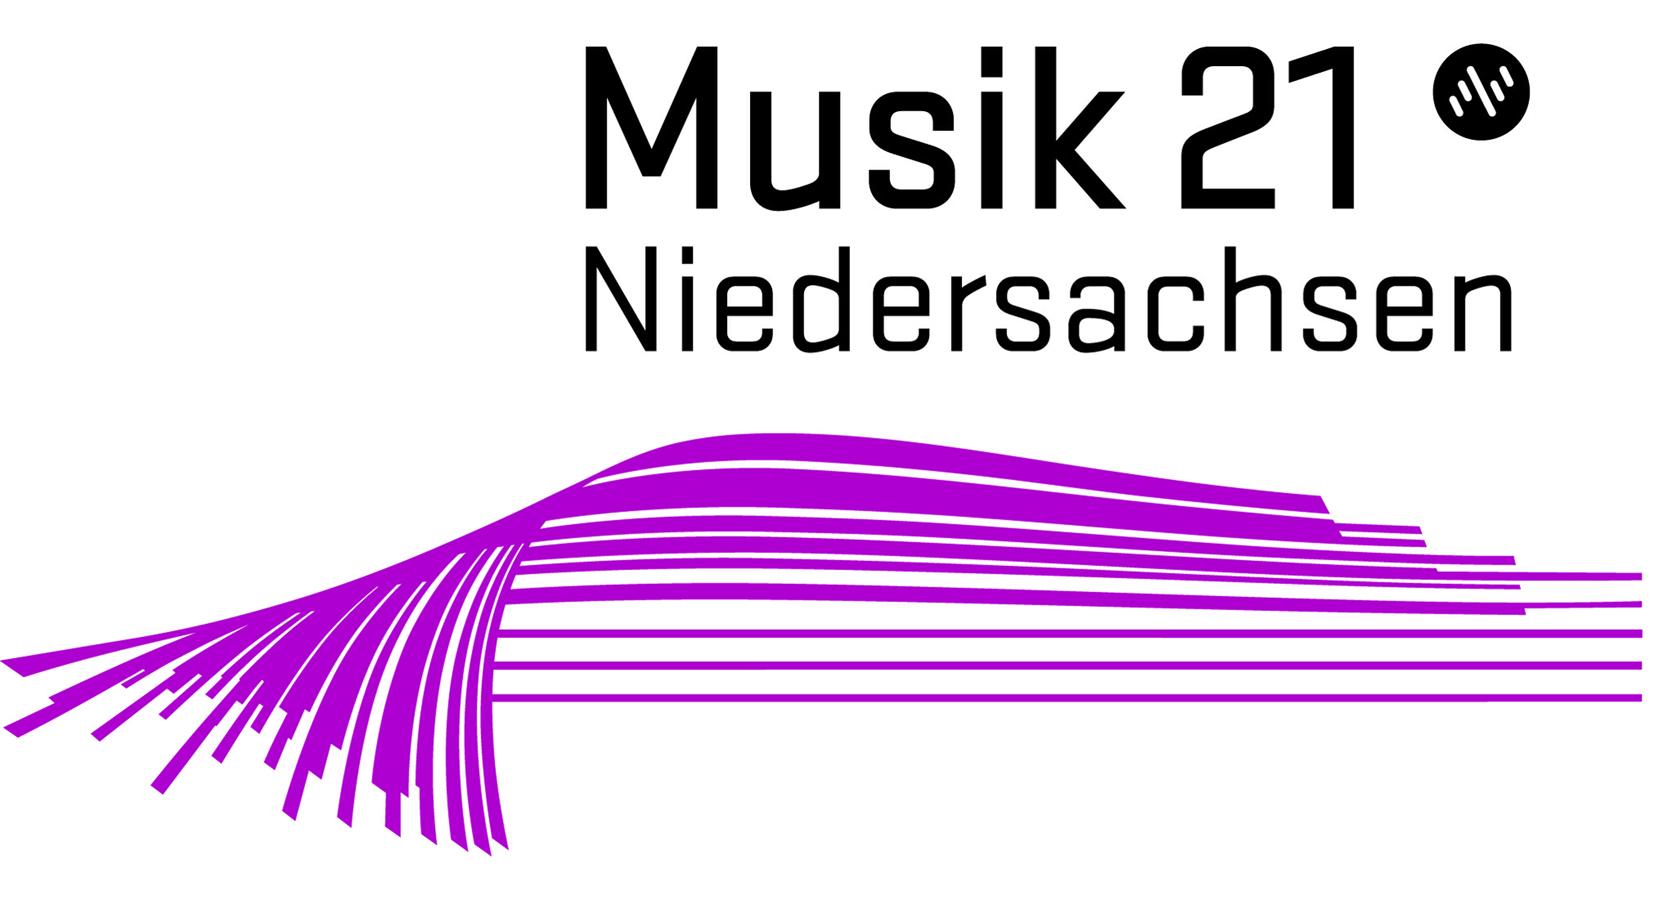 Musik 21